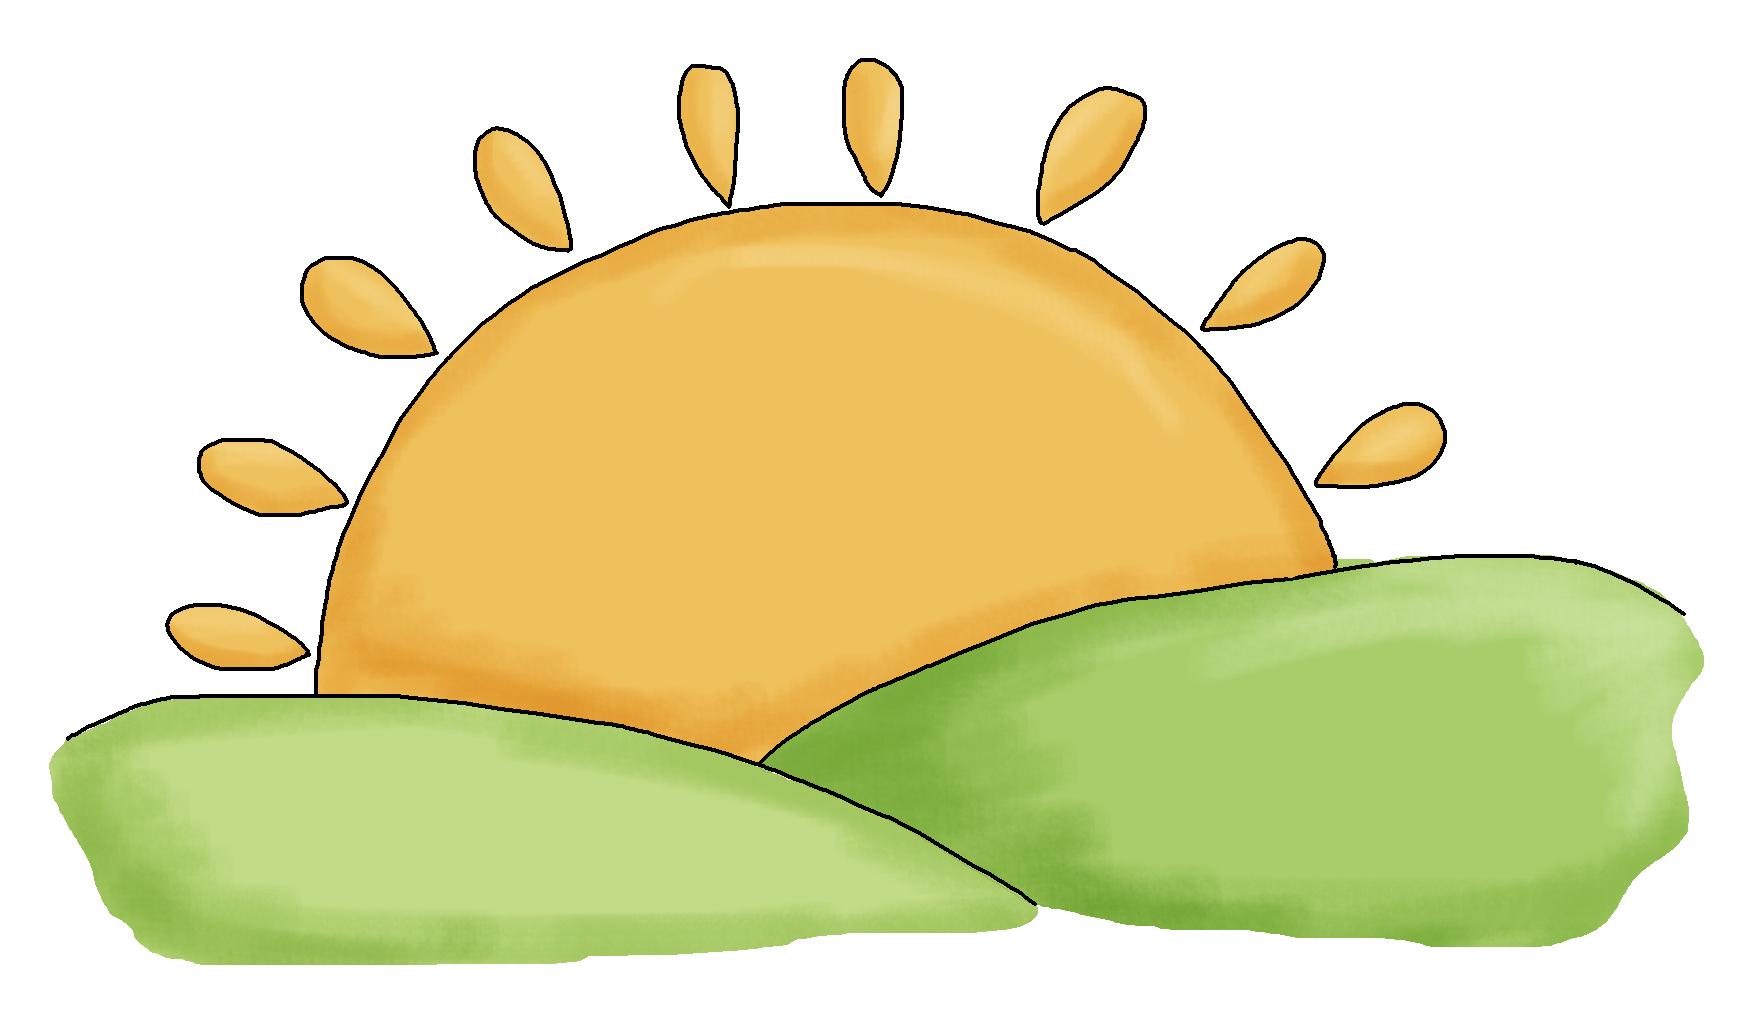 1746x1011 Free Sunrise Clipart Image